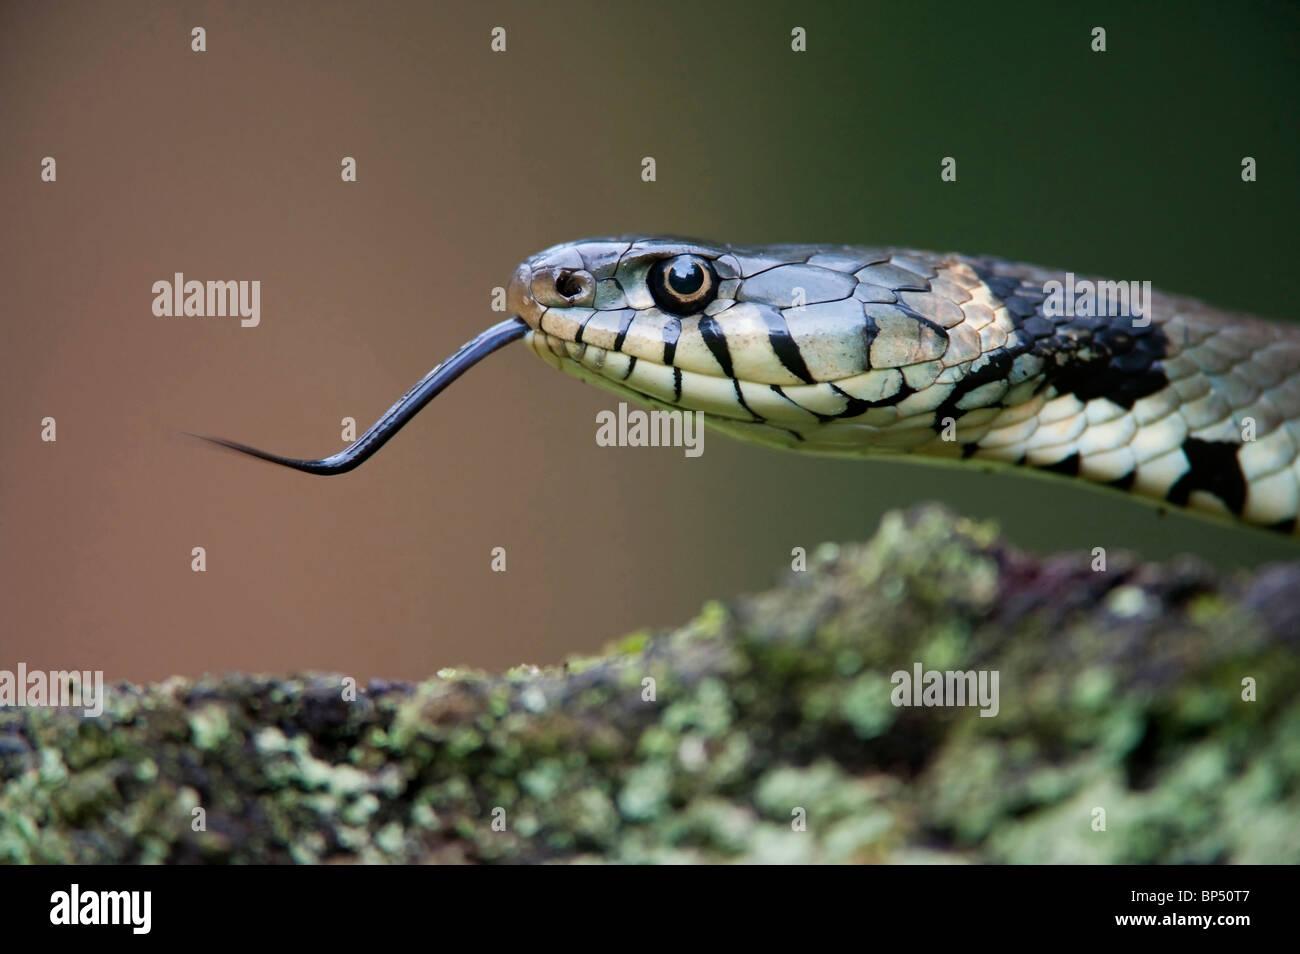 Culebra (Natrix natrix). Close-up de adulto mostrando la lengua, Países Bajos. Imagen De Stock